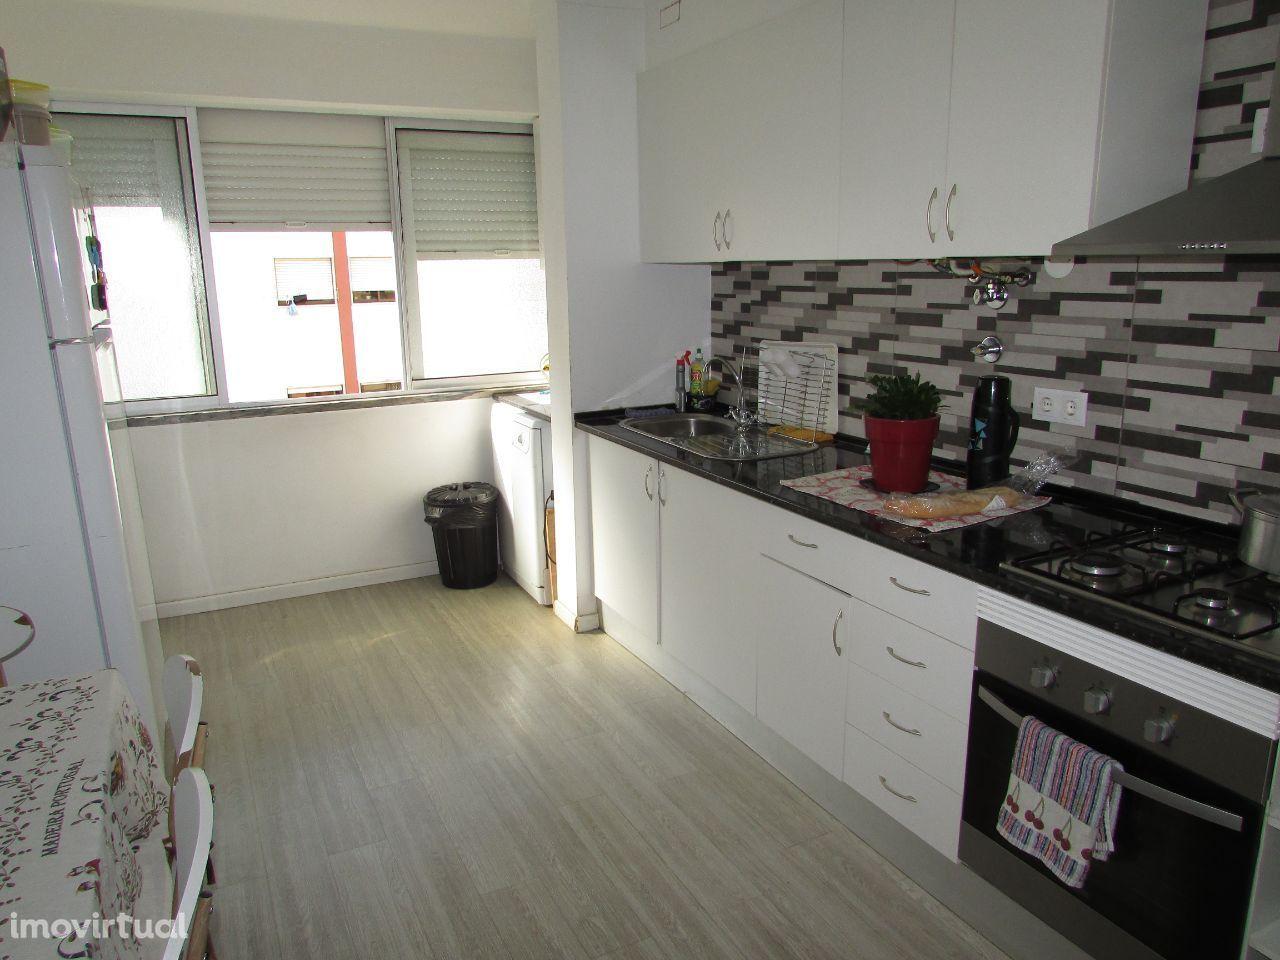 Apartamento T3, 4 assoalhadas totalmente remodelado recentemente